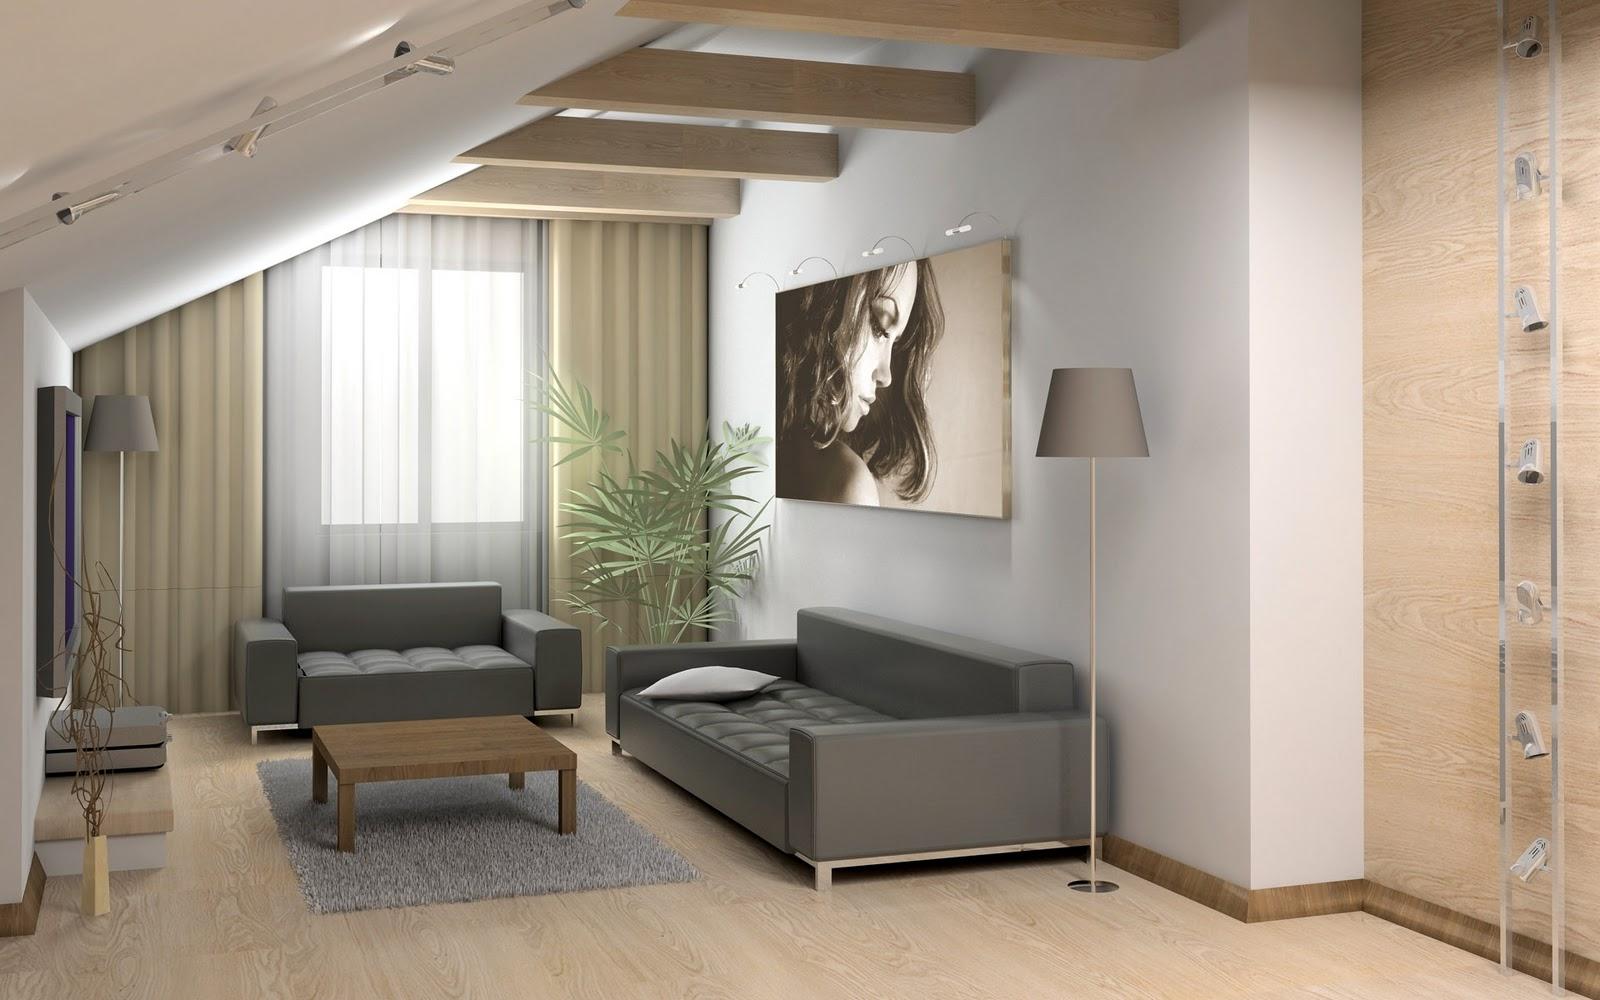 House architecture design, home interior & furniture design ...